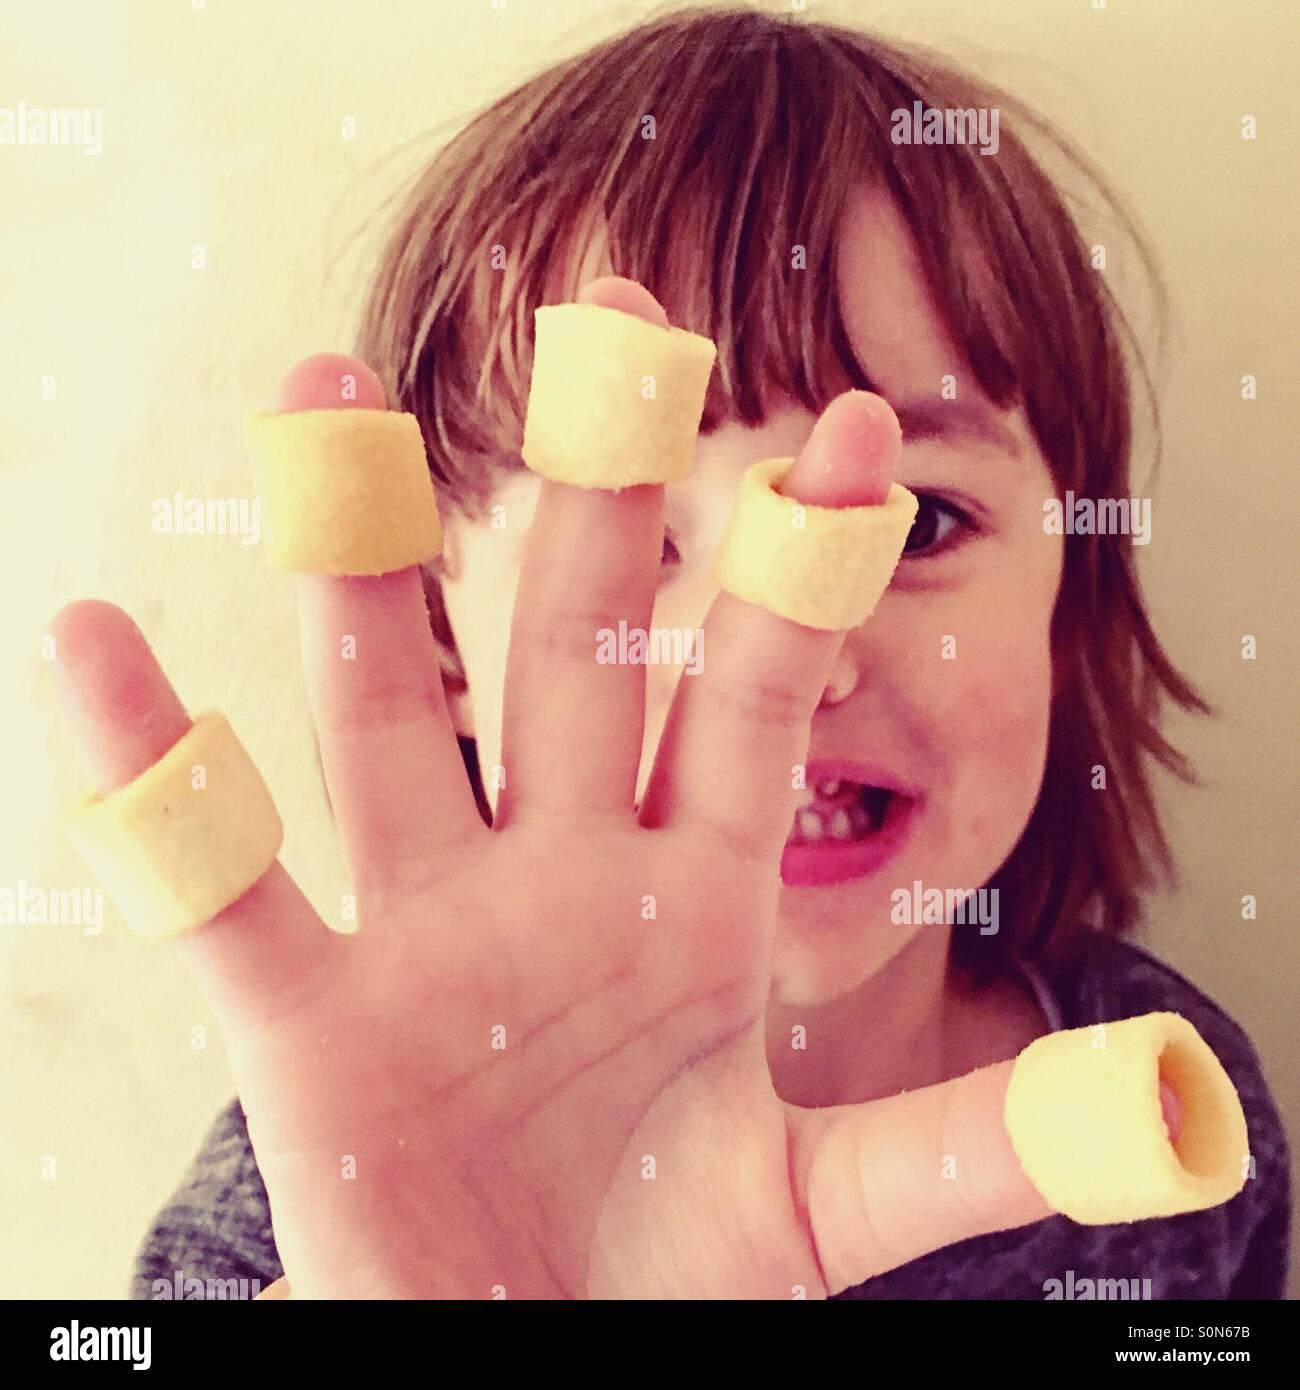 Pequeño muchacho de 4 años con patatas fritas en sus dedos. Imagen De Stock